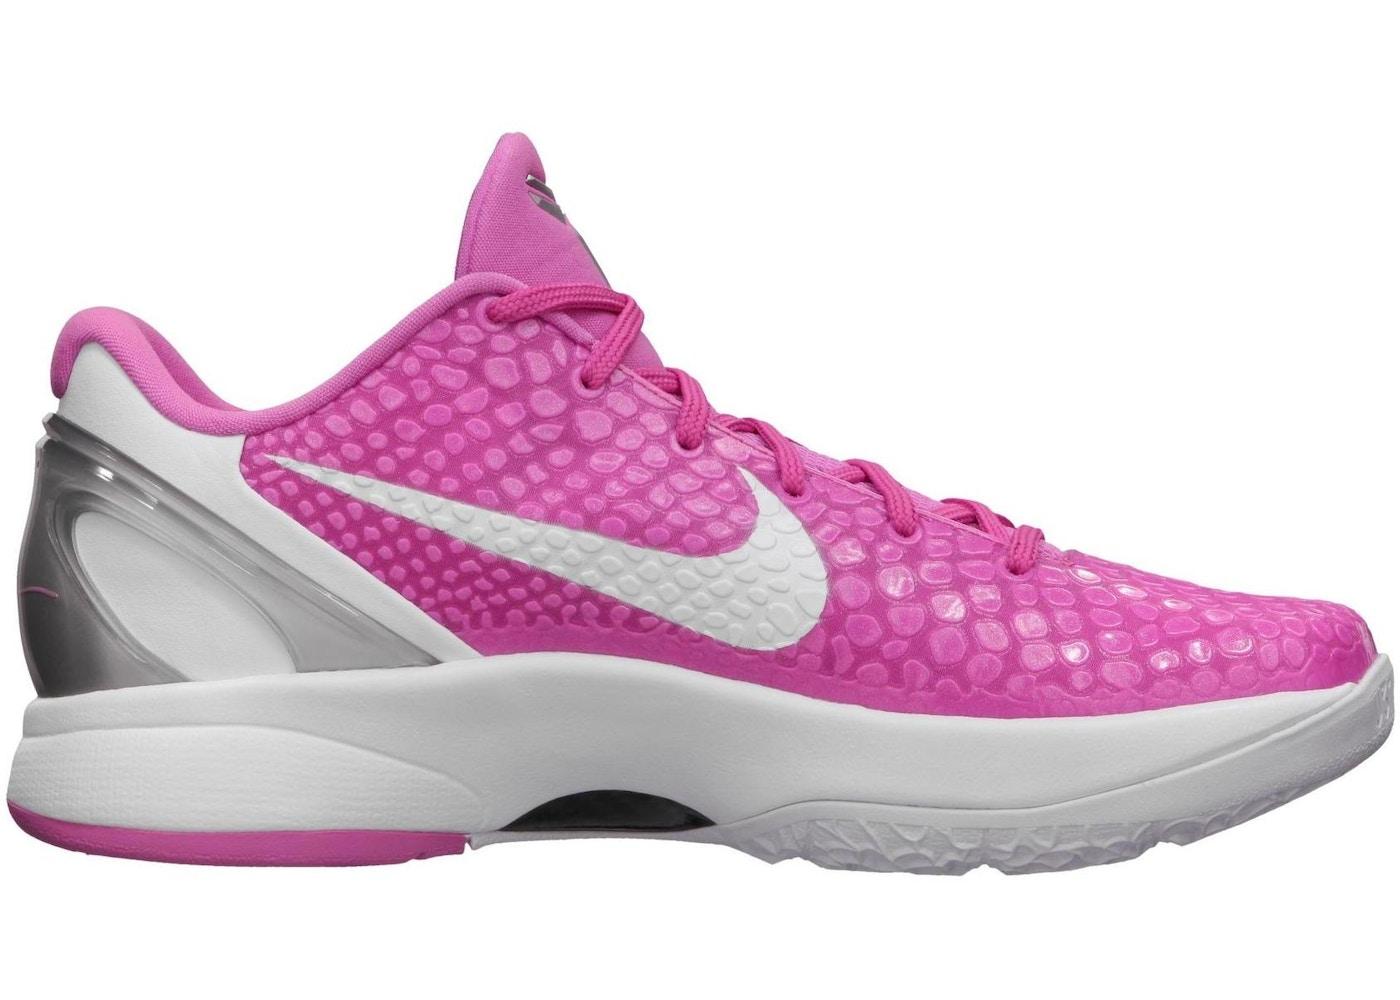 best service ece3f 6177a Buy Nike Kobe 6 Shoes   Deadstock Sneakers